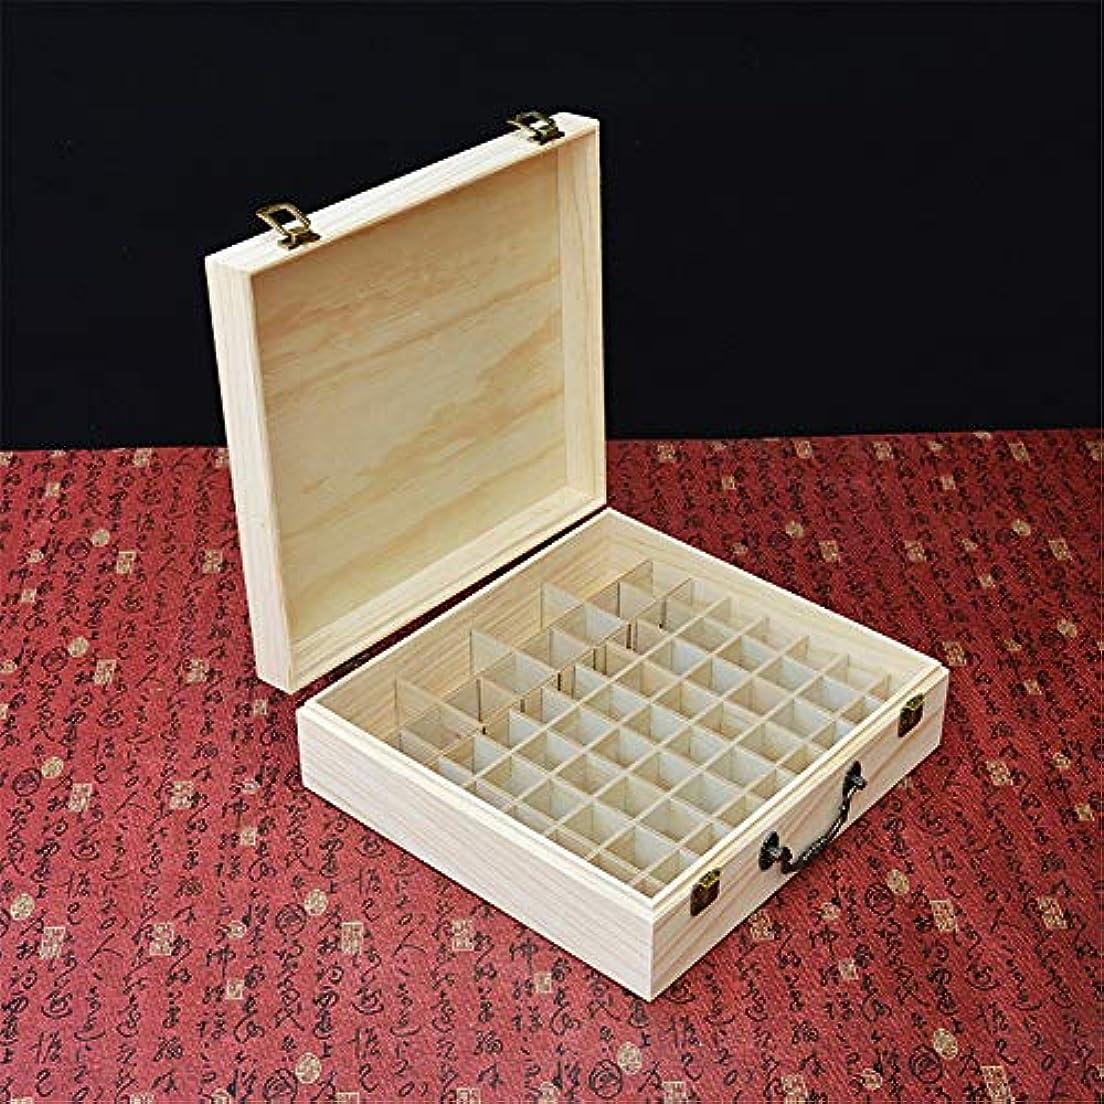 爪ライトニングまっすぐエッセンシャルオイルの保管 旅行やプレゼンテーションのために66スロット木製エッセンシャルオイルストレージボックスパーフェクト (色 : Natural, サイズ : 31.5X29X10CM)